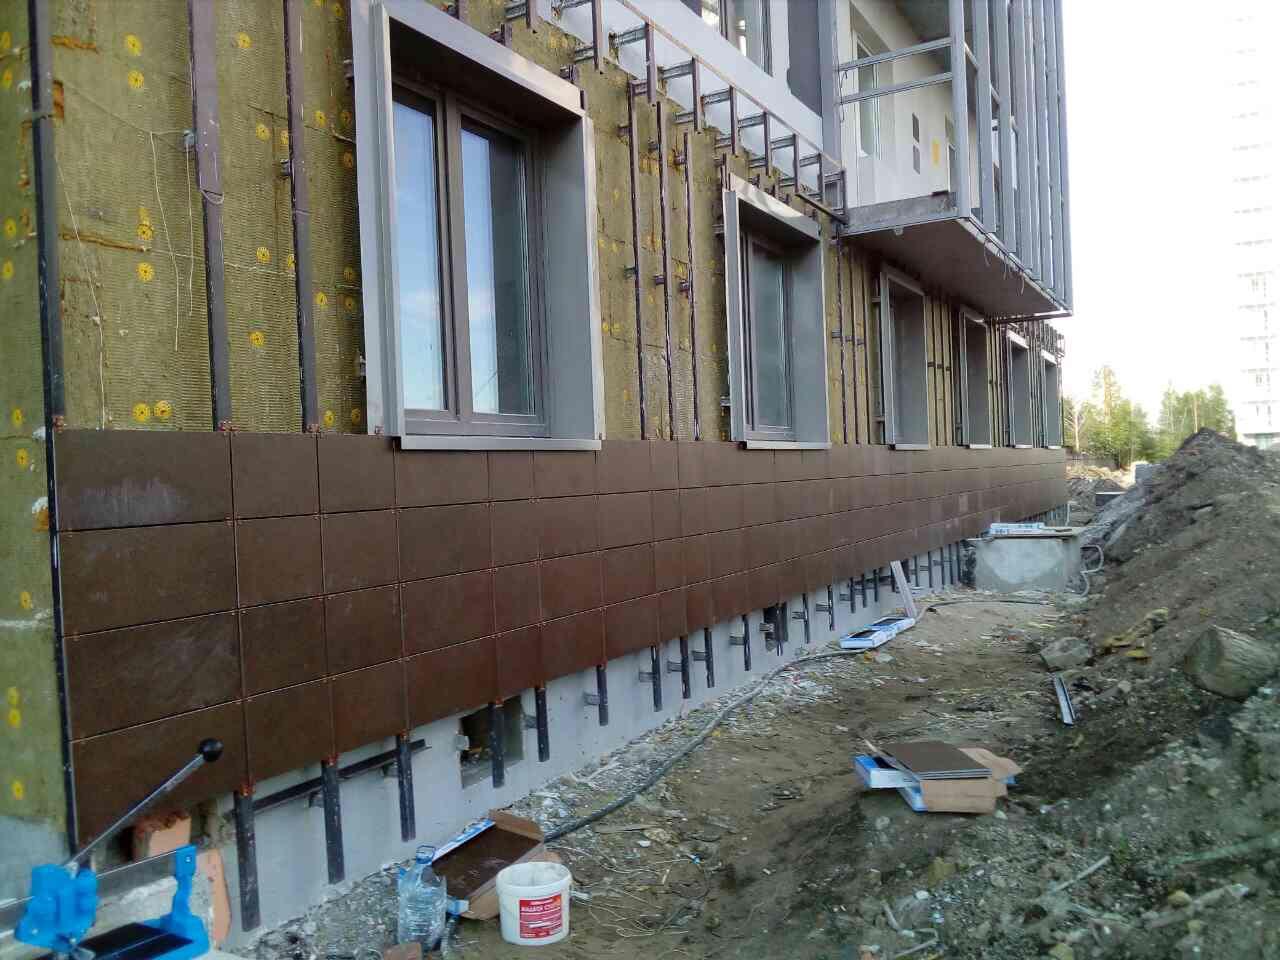 Стоимость выполнения работ по устройству вентилируемых фасадов для ПАО «Группа ЛСР»